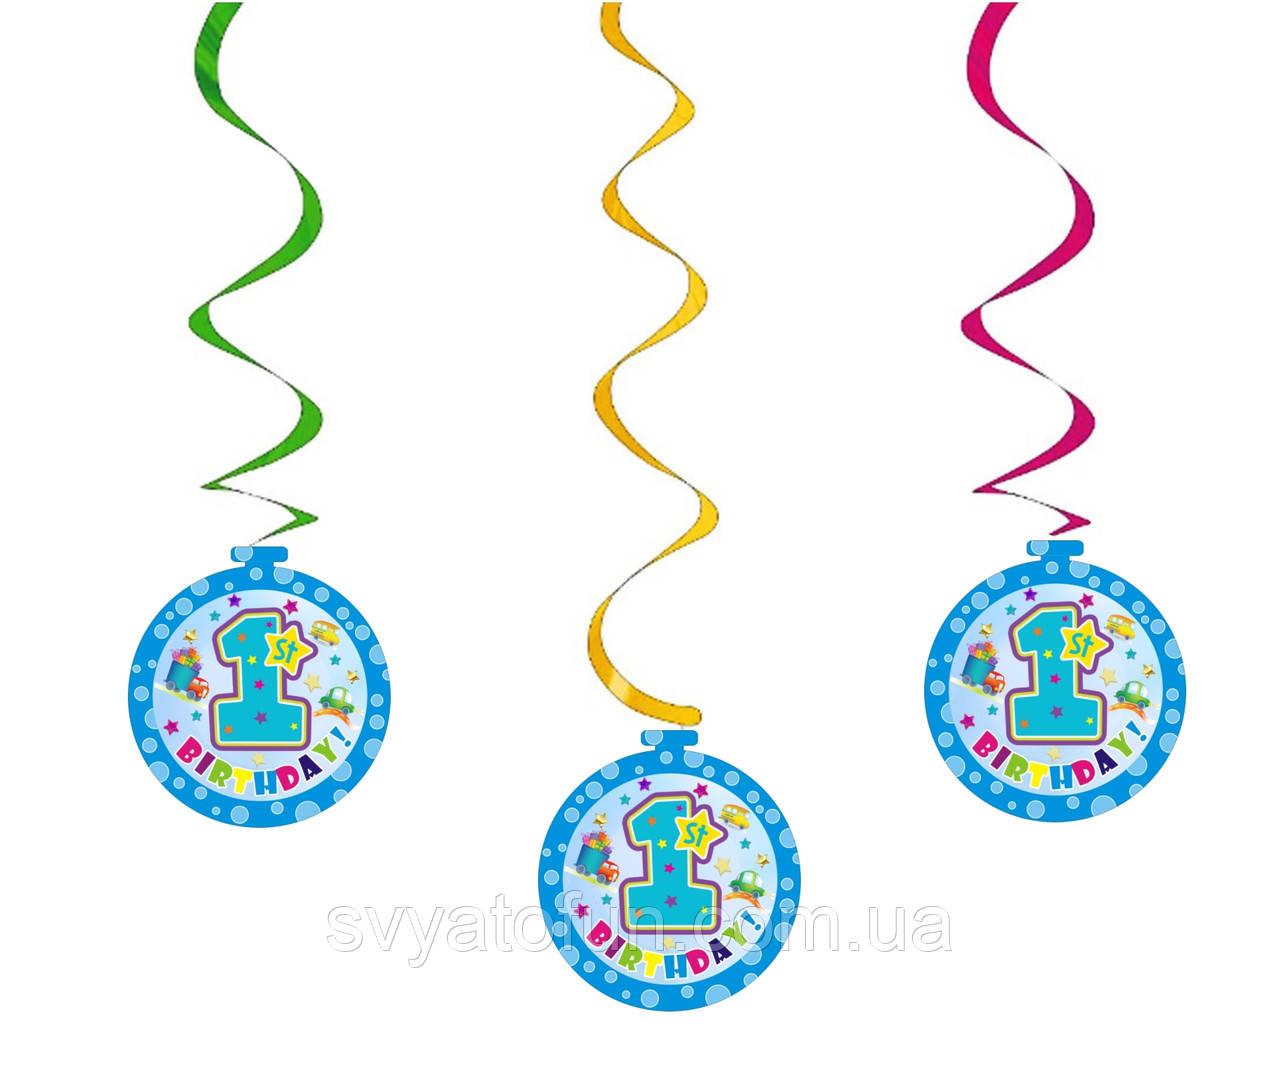 """Подвеска-спираль """"1 st birthday"""", голубая"""